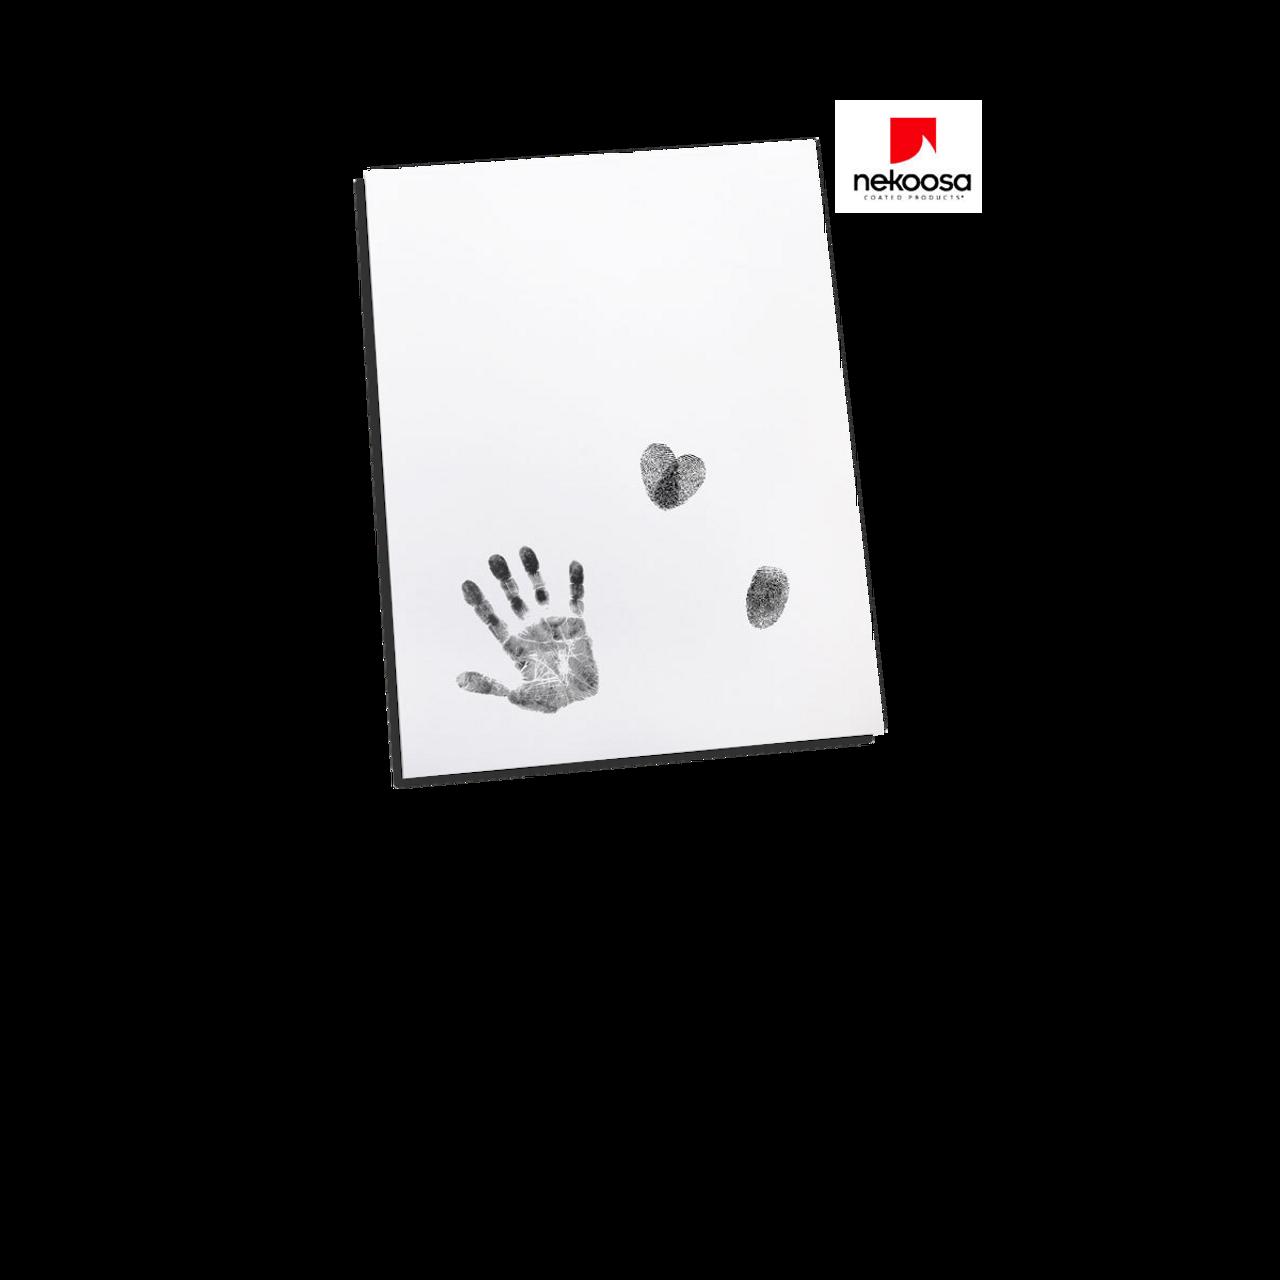 Inkless Paper Nekoosa - A4 sheet